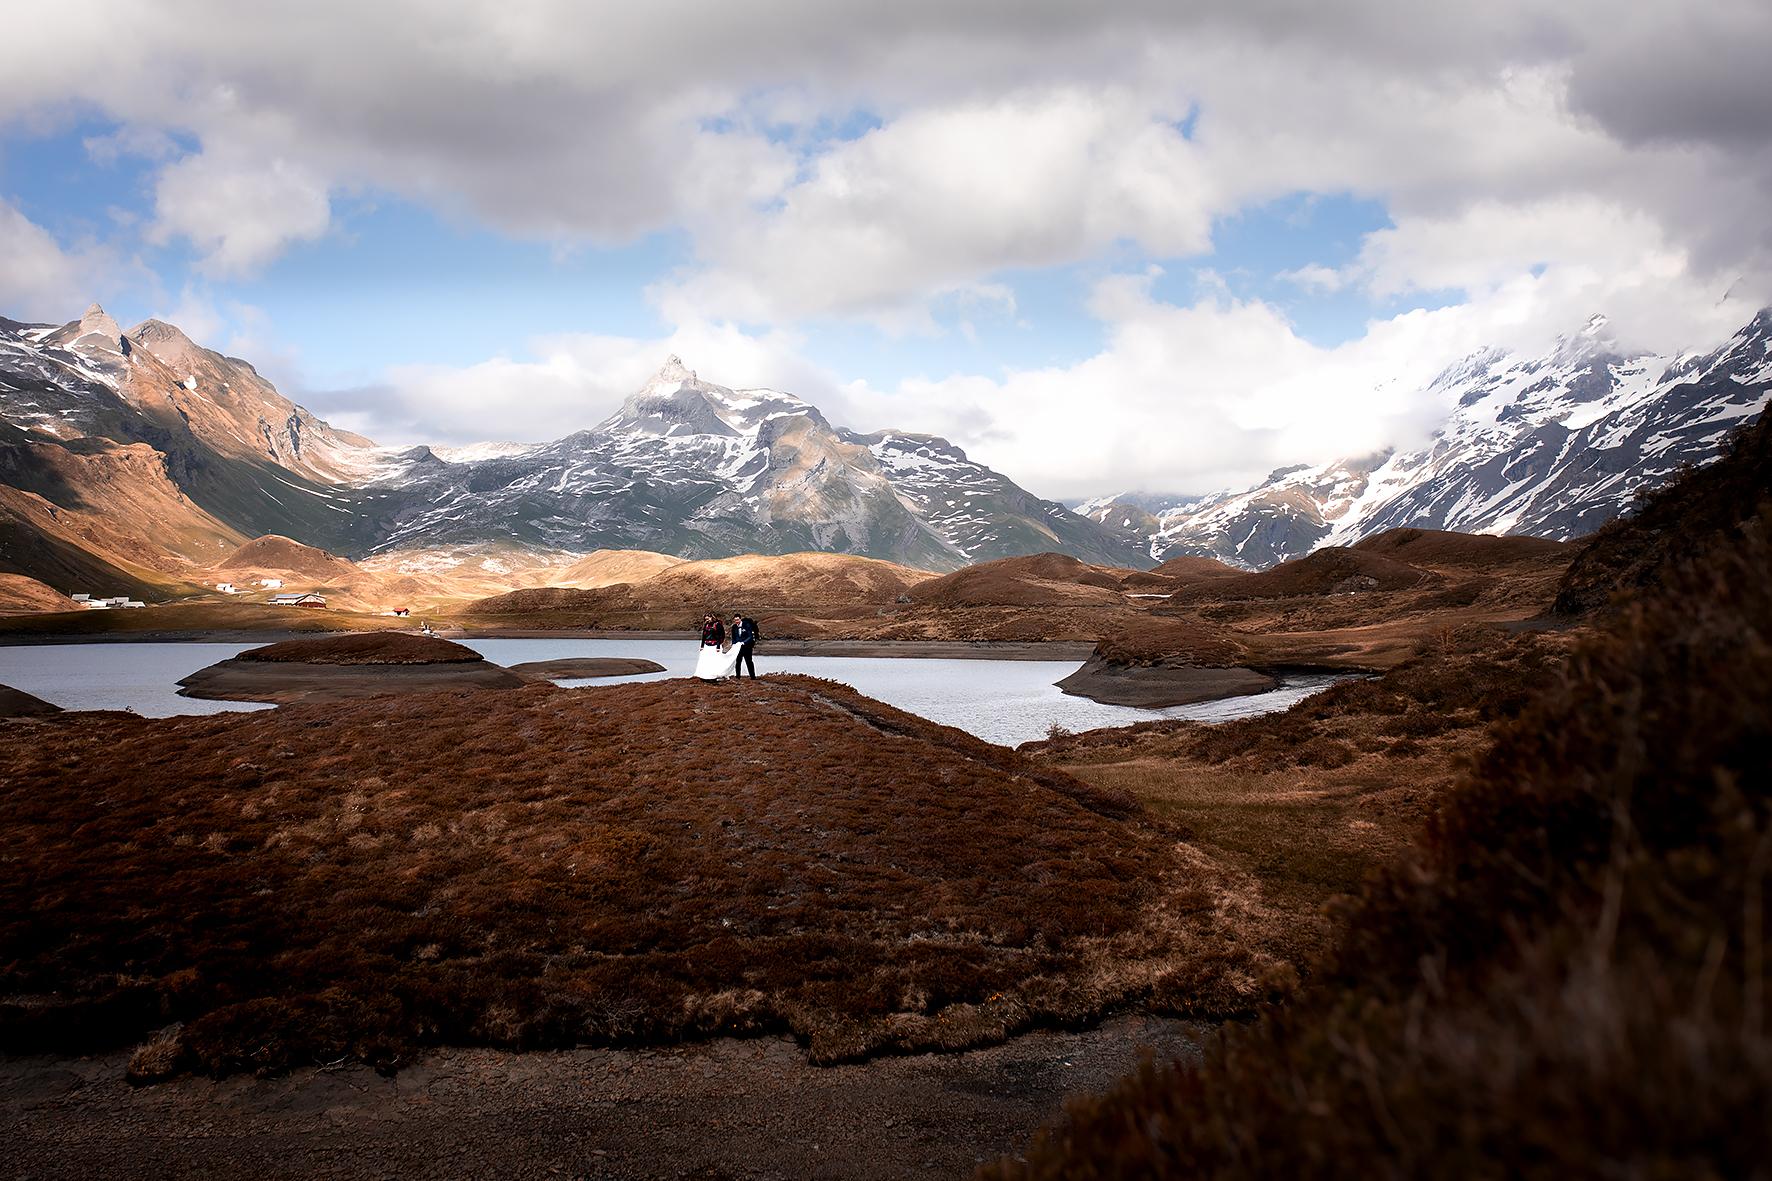 Eine Abenteuerhochzeit in den Schweizer Bergen. Das Brautpaar wandert im Hochzeitskleid und Anzug und mit Rucksack beladen über eine Halbinsel am Tannensee auf der Melchsee Frutt. Der Bräutigam trägt der Braut die Schleppe ihres Hochzeitkleides.